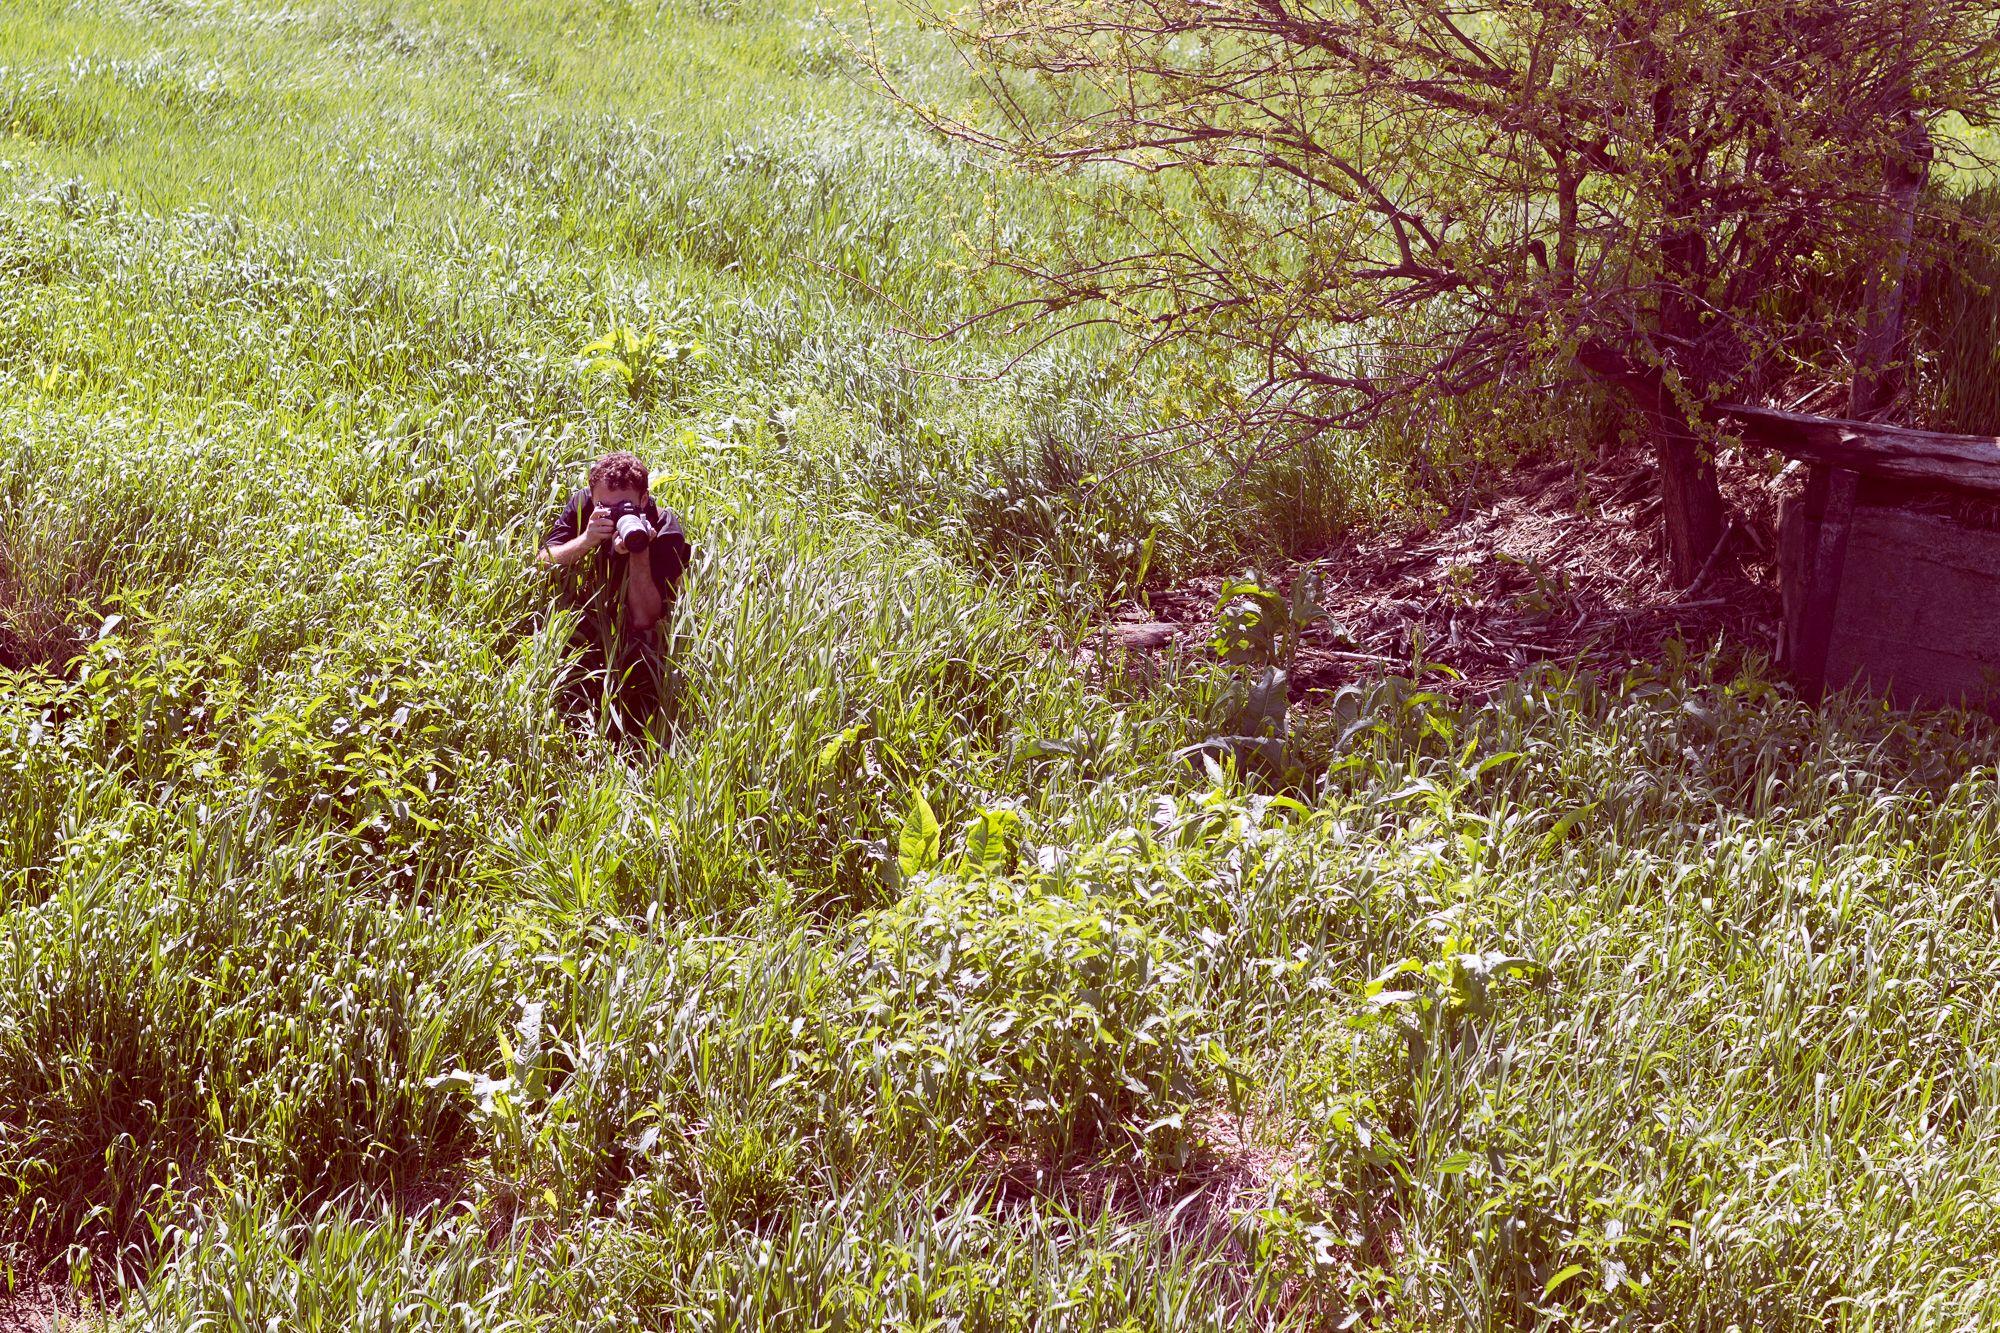 Perfect camouflage | Rural Nebraska http://nelovesps.org/